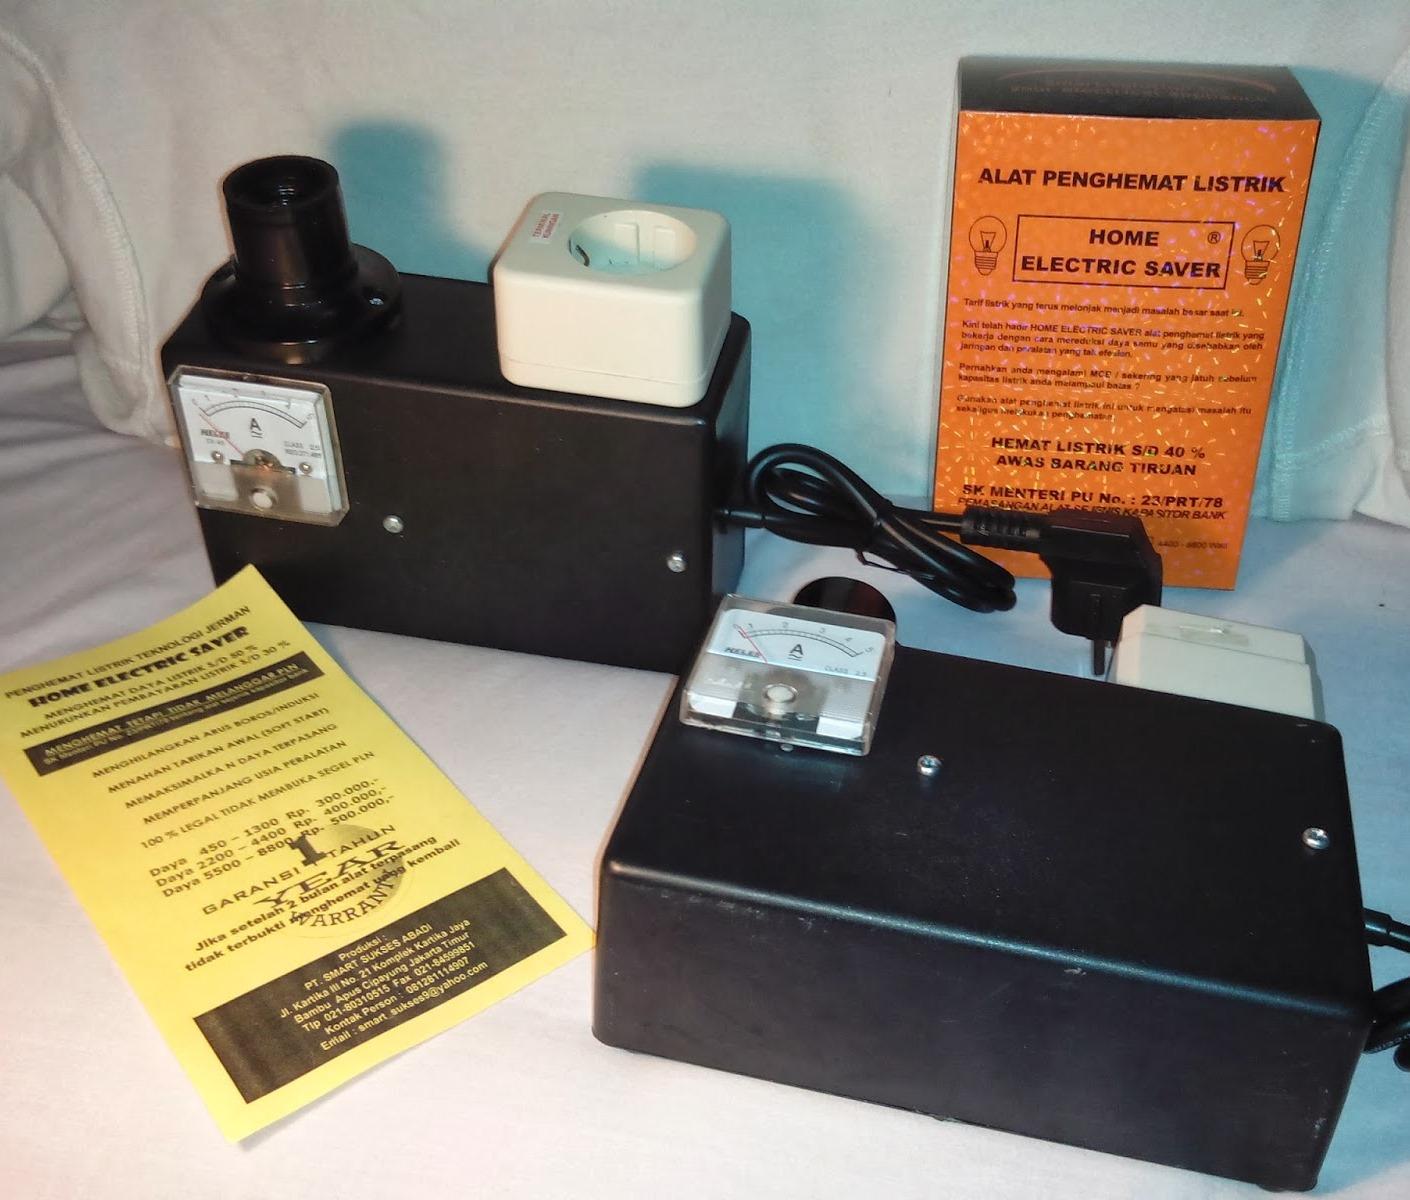 Home Electric Saver Penghemat Listrik Untuk 2200 Watt Page 3 Alat Power Plus Beli Store Marwanto606 Source Jadi Sebenarnya Berfungsi Menyamakan Yang Dipakai